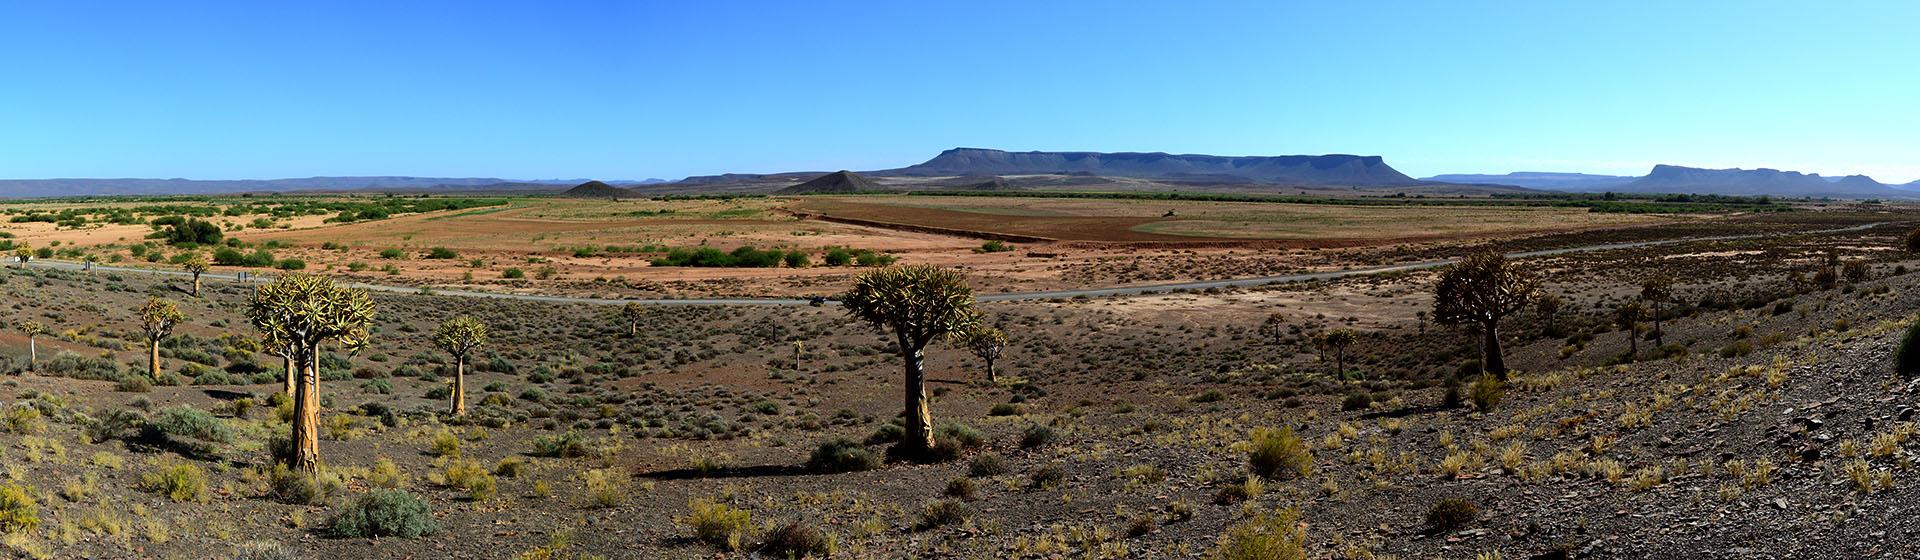 Gannabos Flower Region